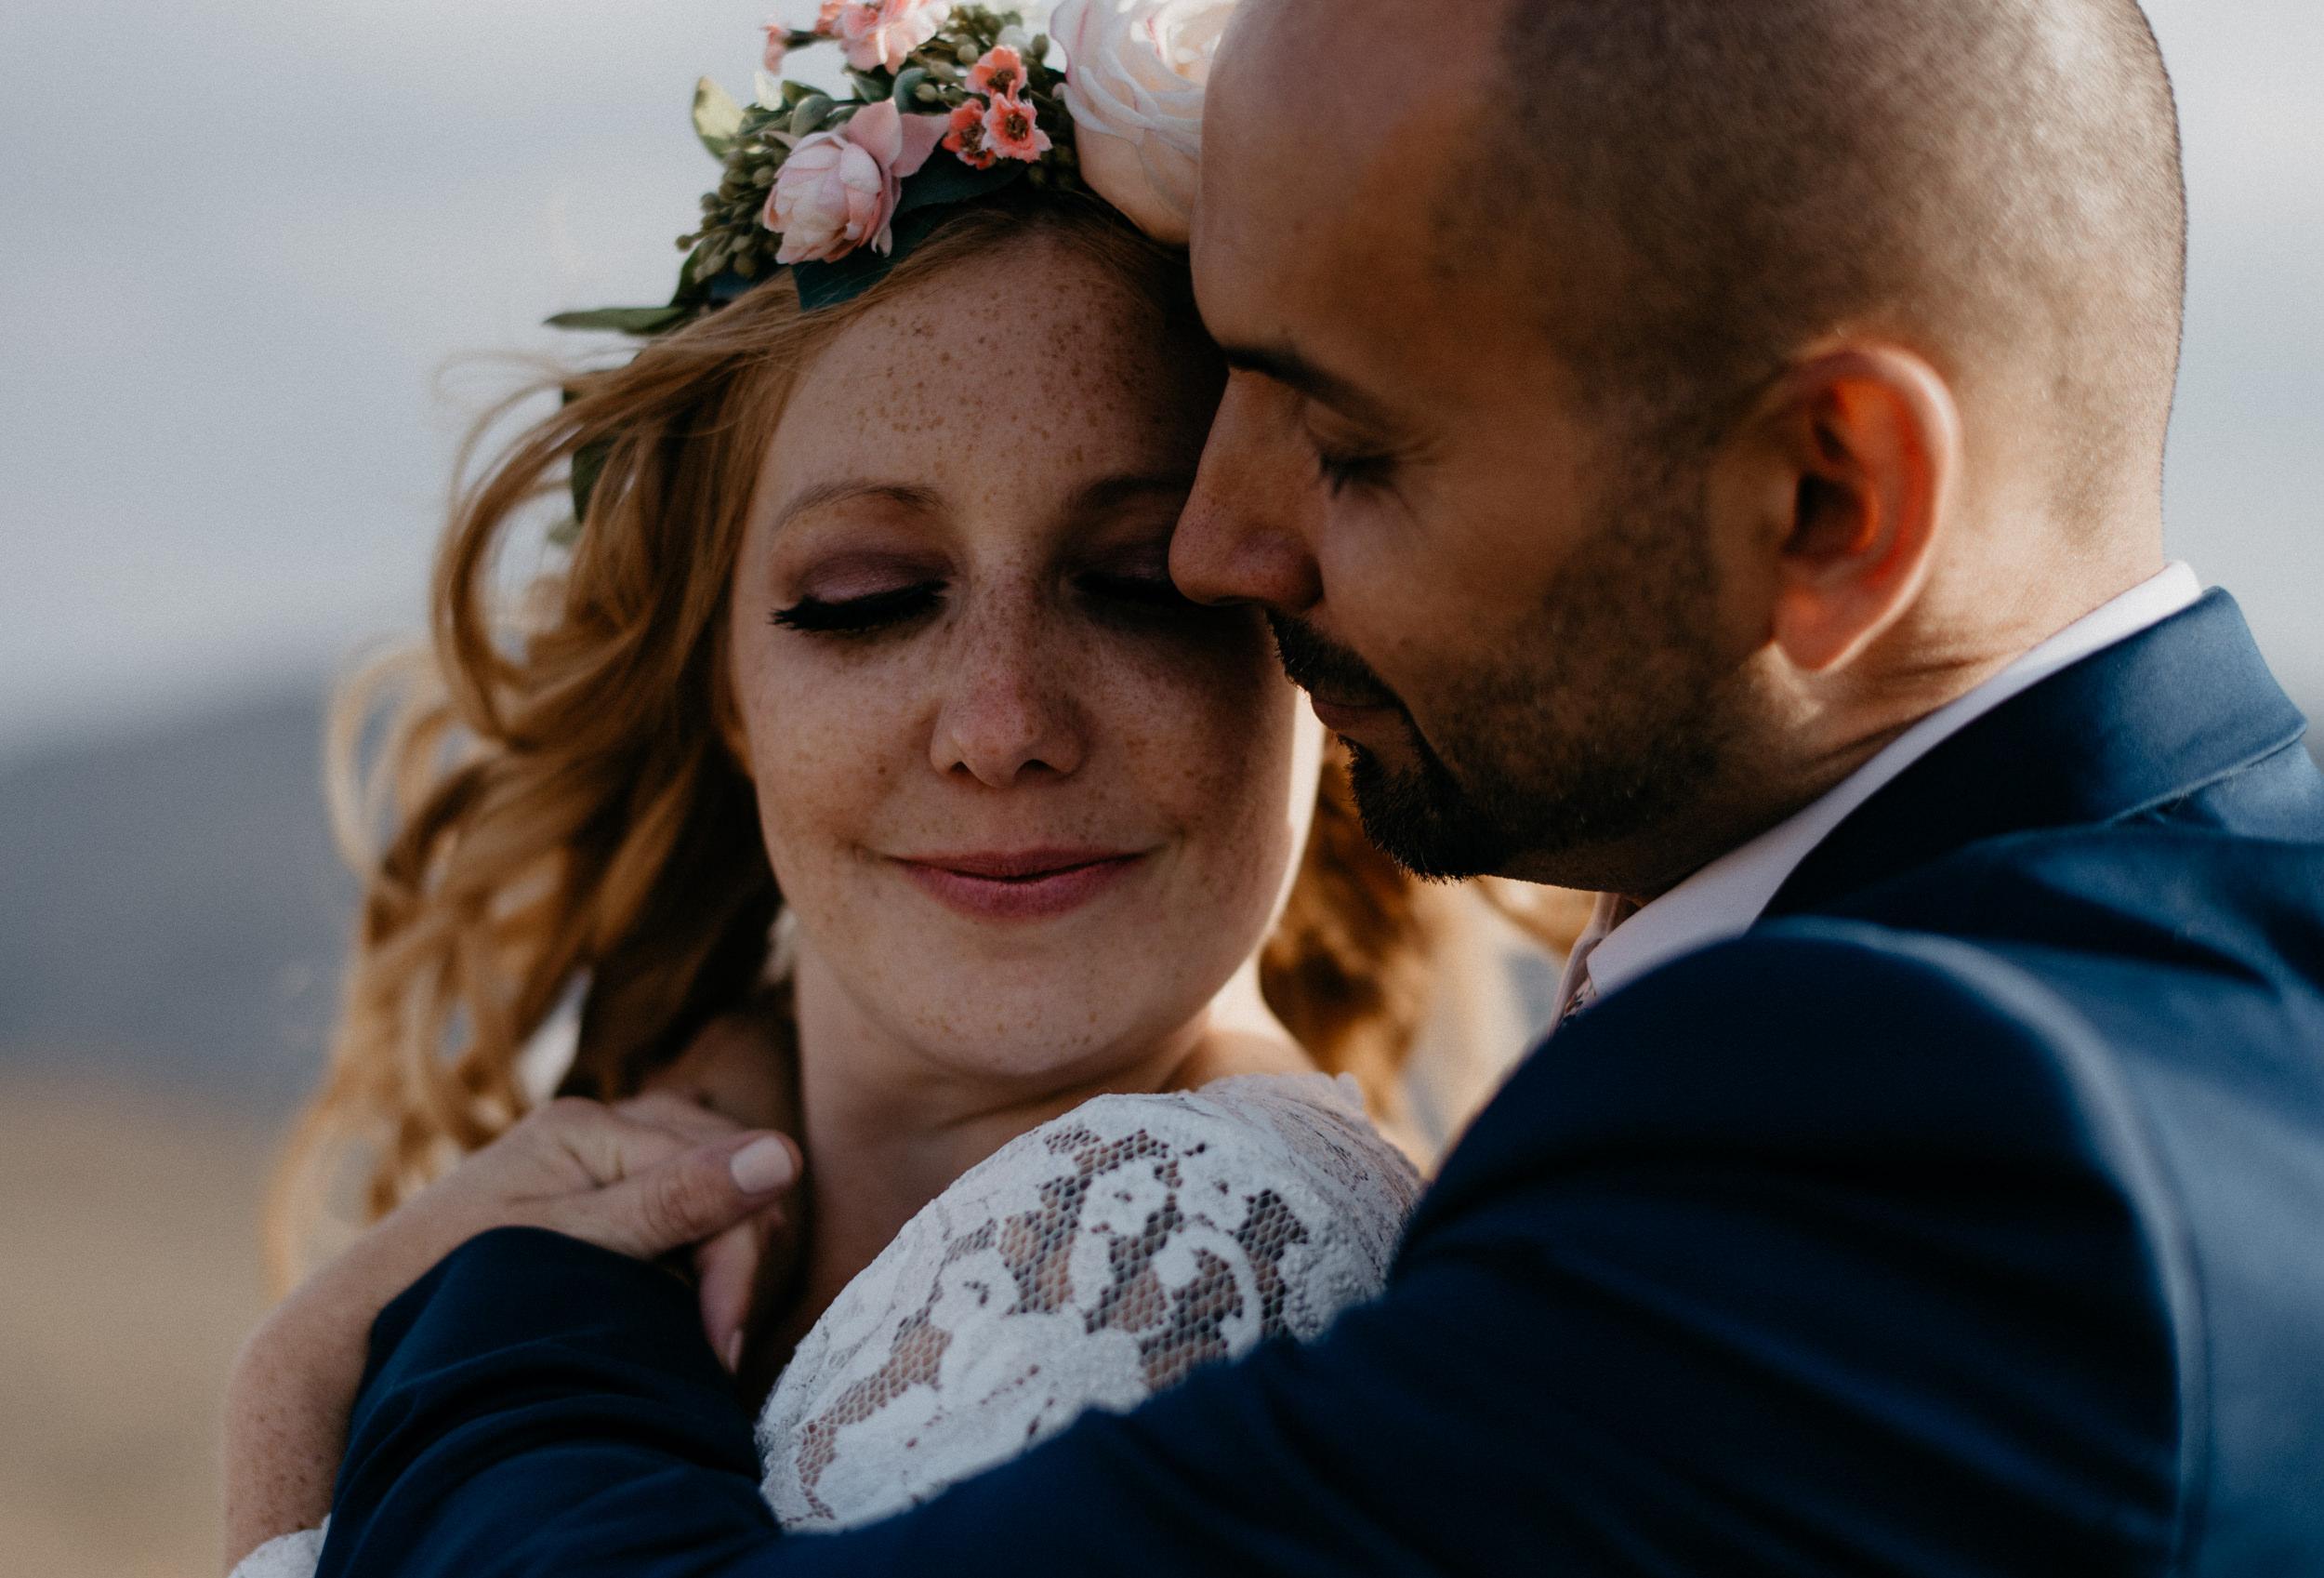 Rocky Mountain wedding photos in Colorado.